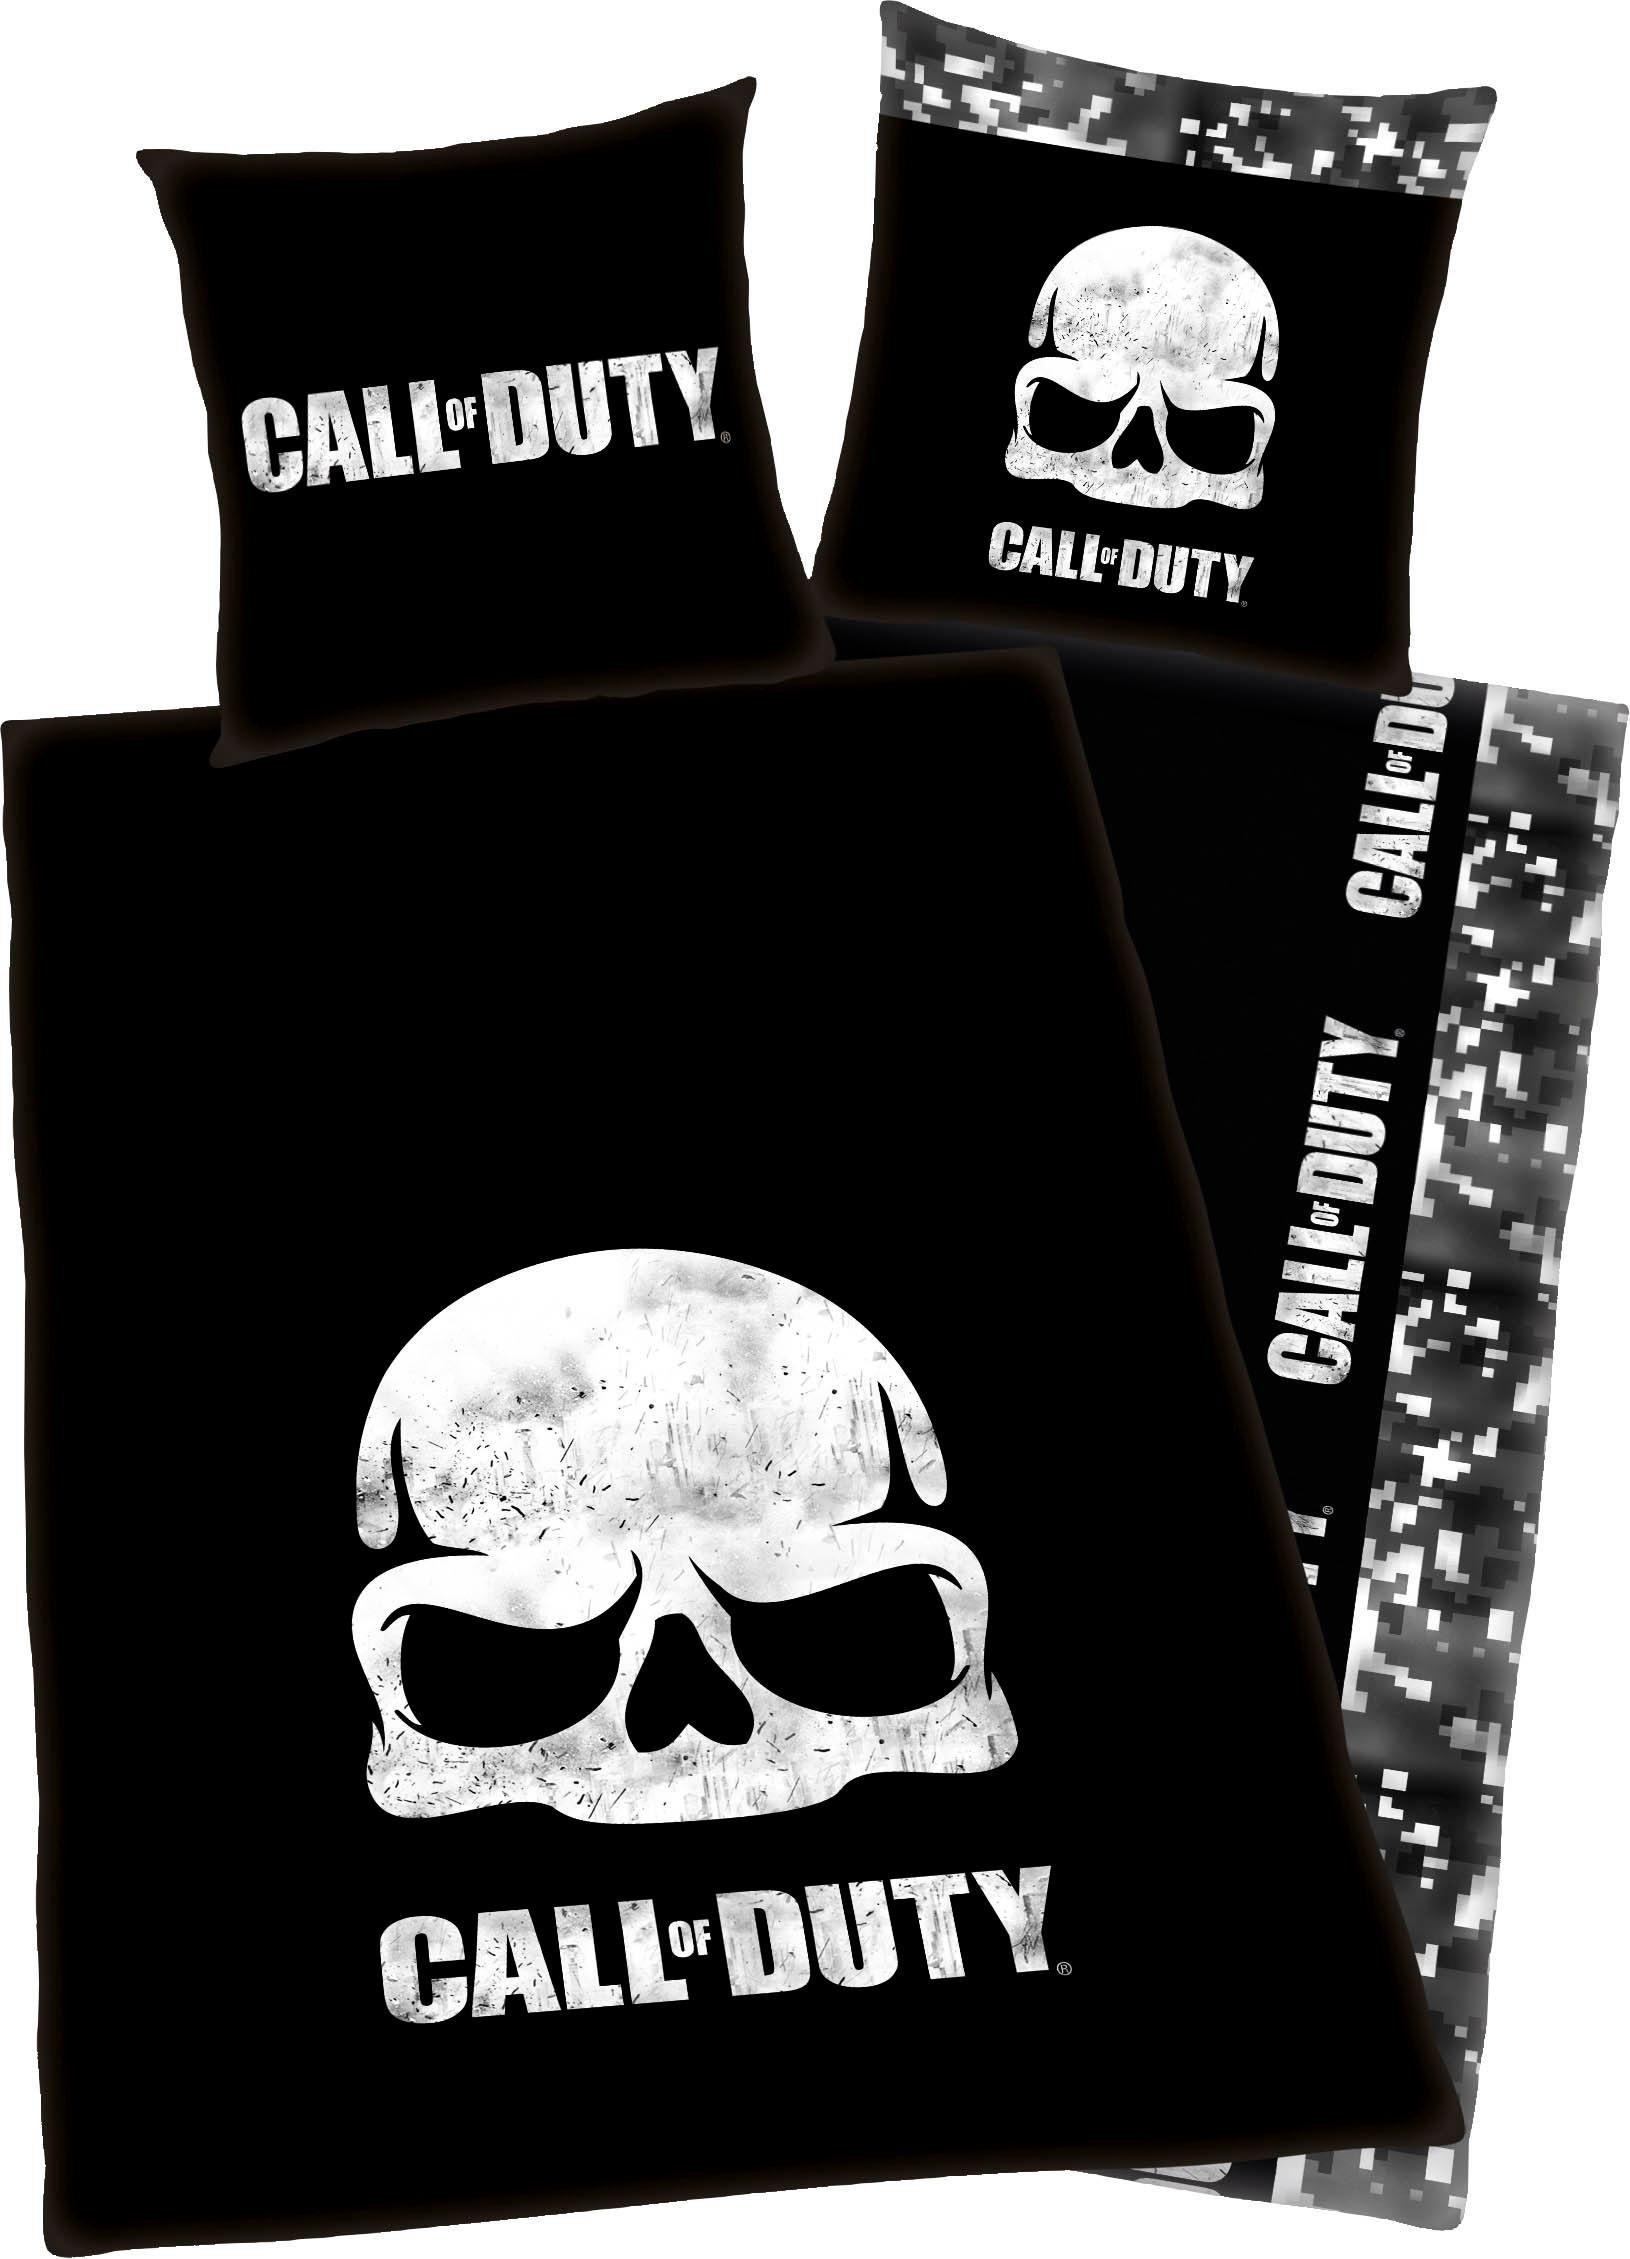 Jugendbettwäsche »Call of Duty«, mit Schriftzug